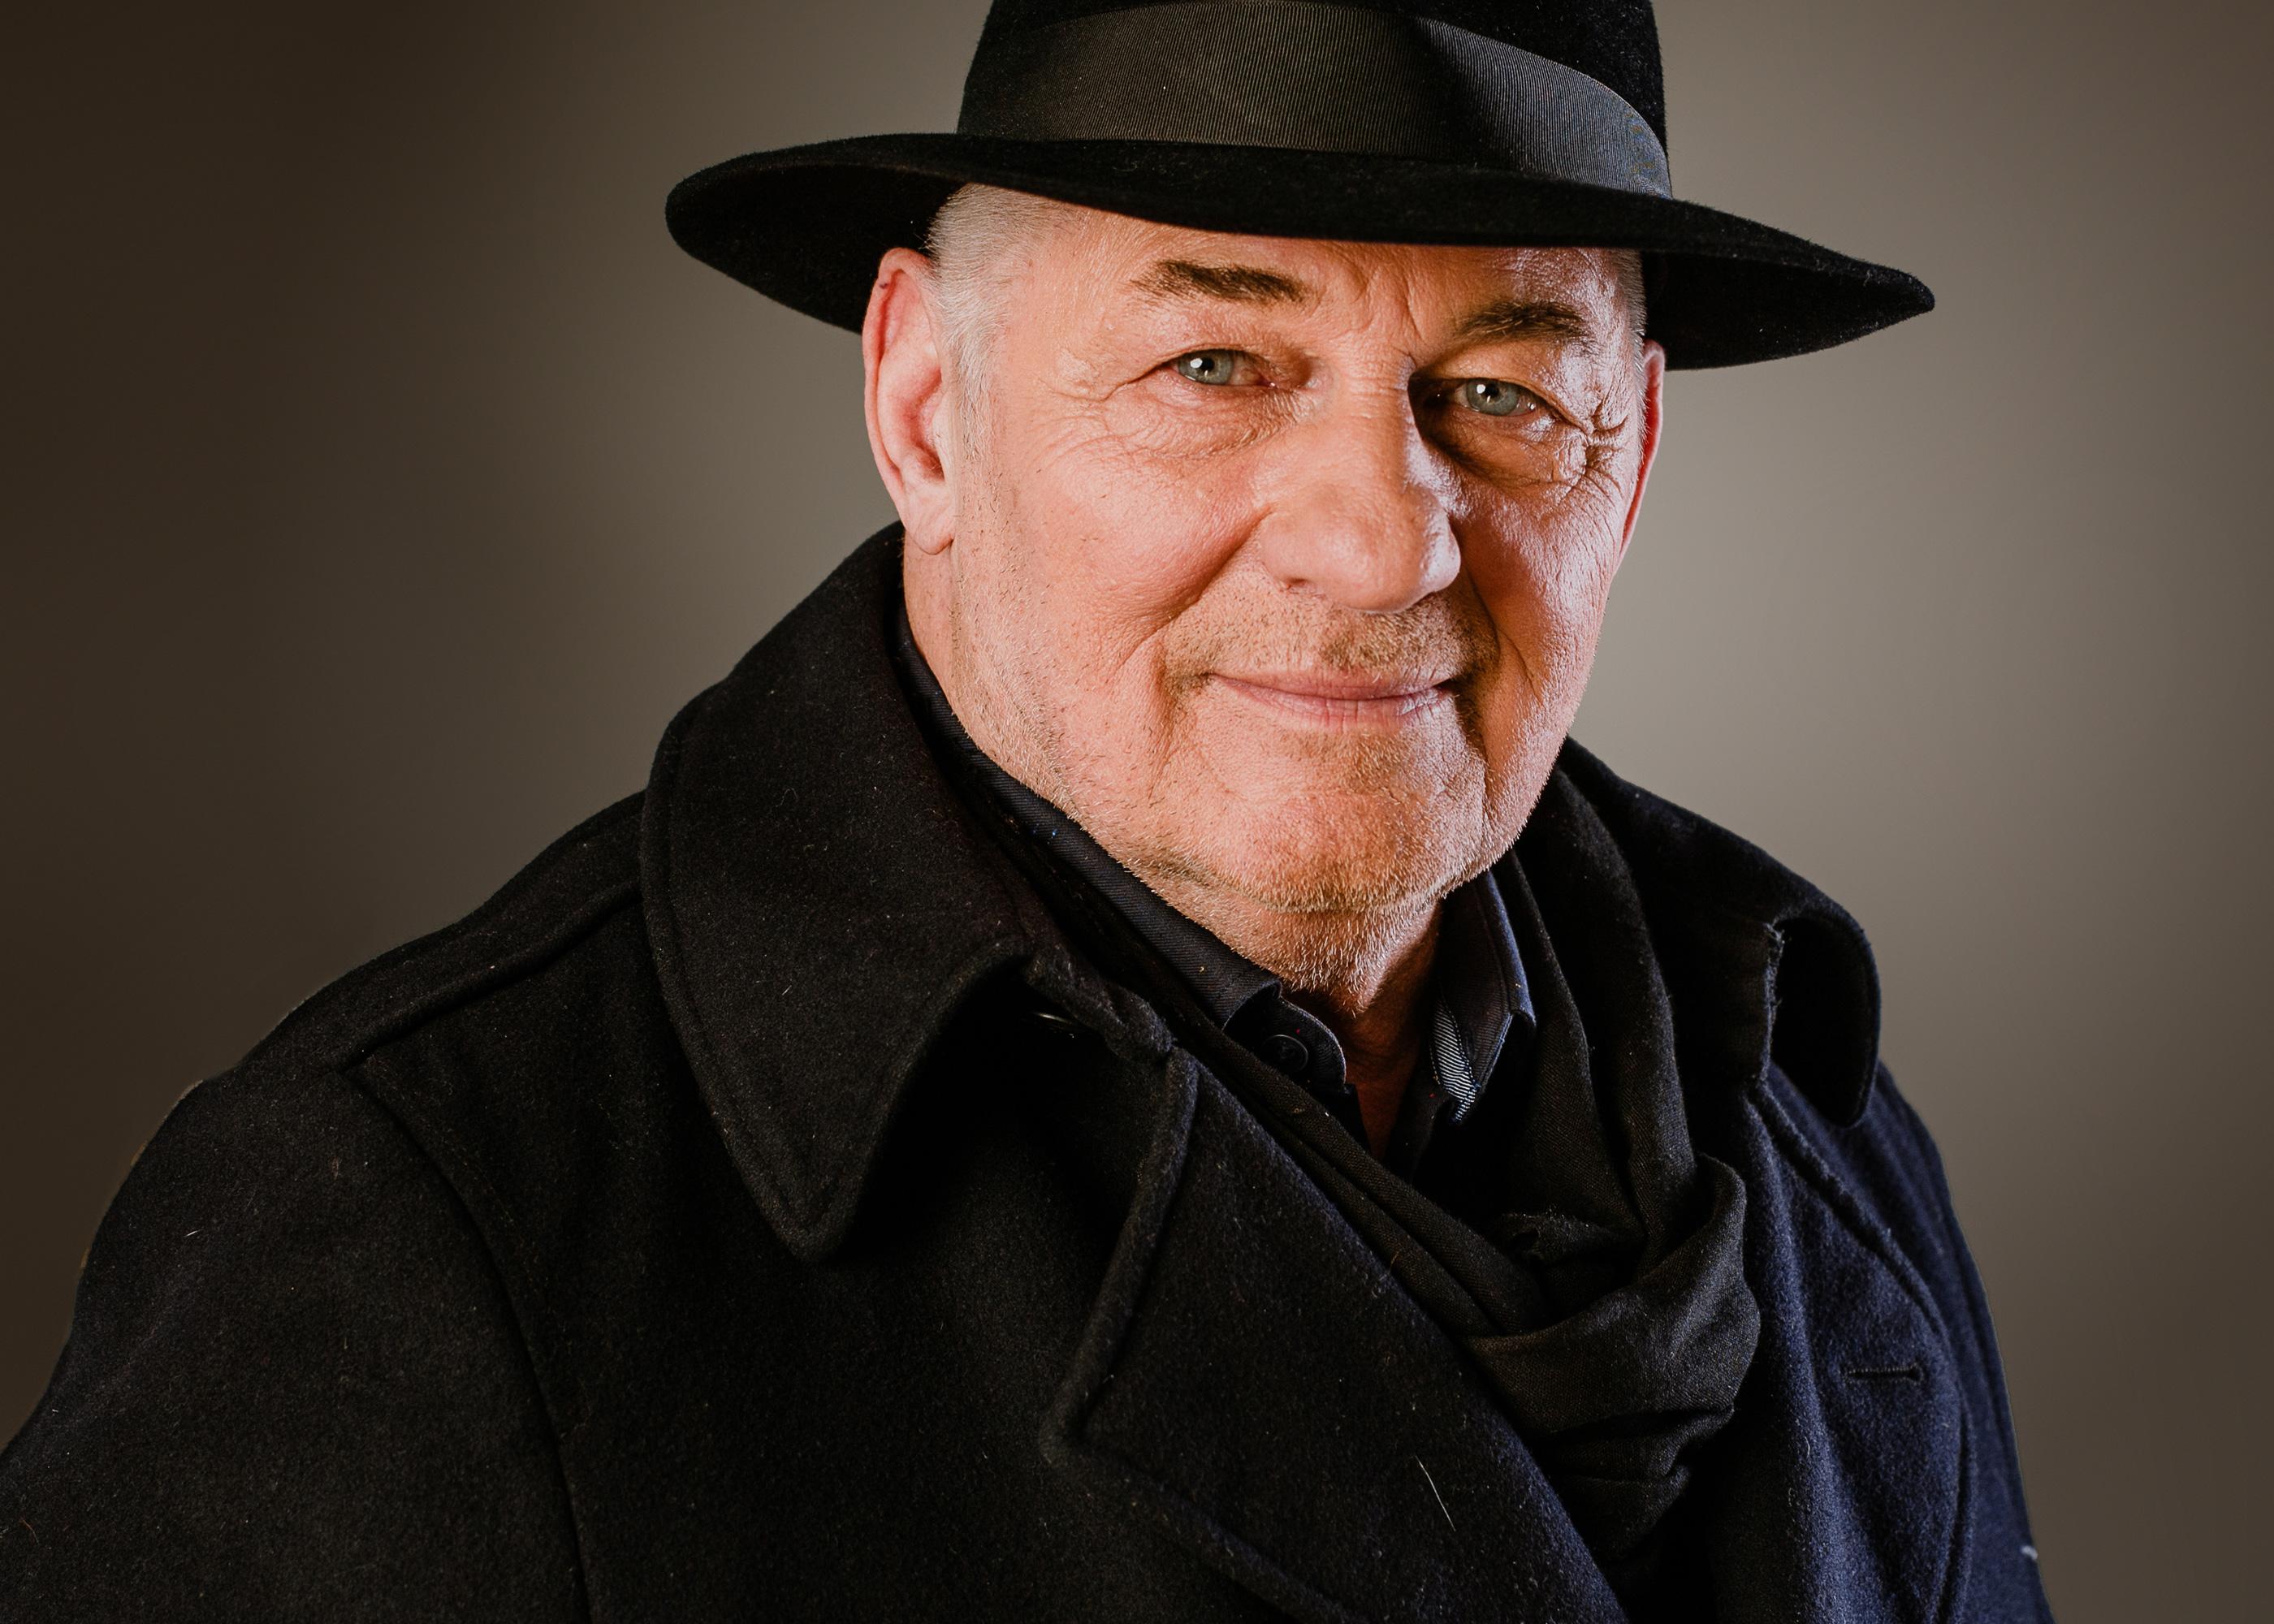 Heinz Hoenig im nächsten SWR-Tatort am 8. September